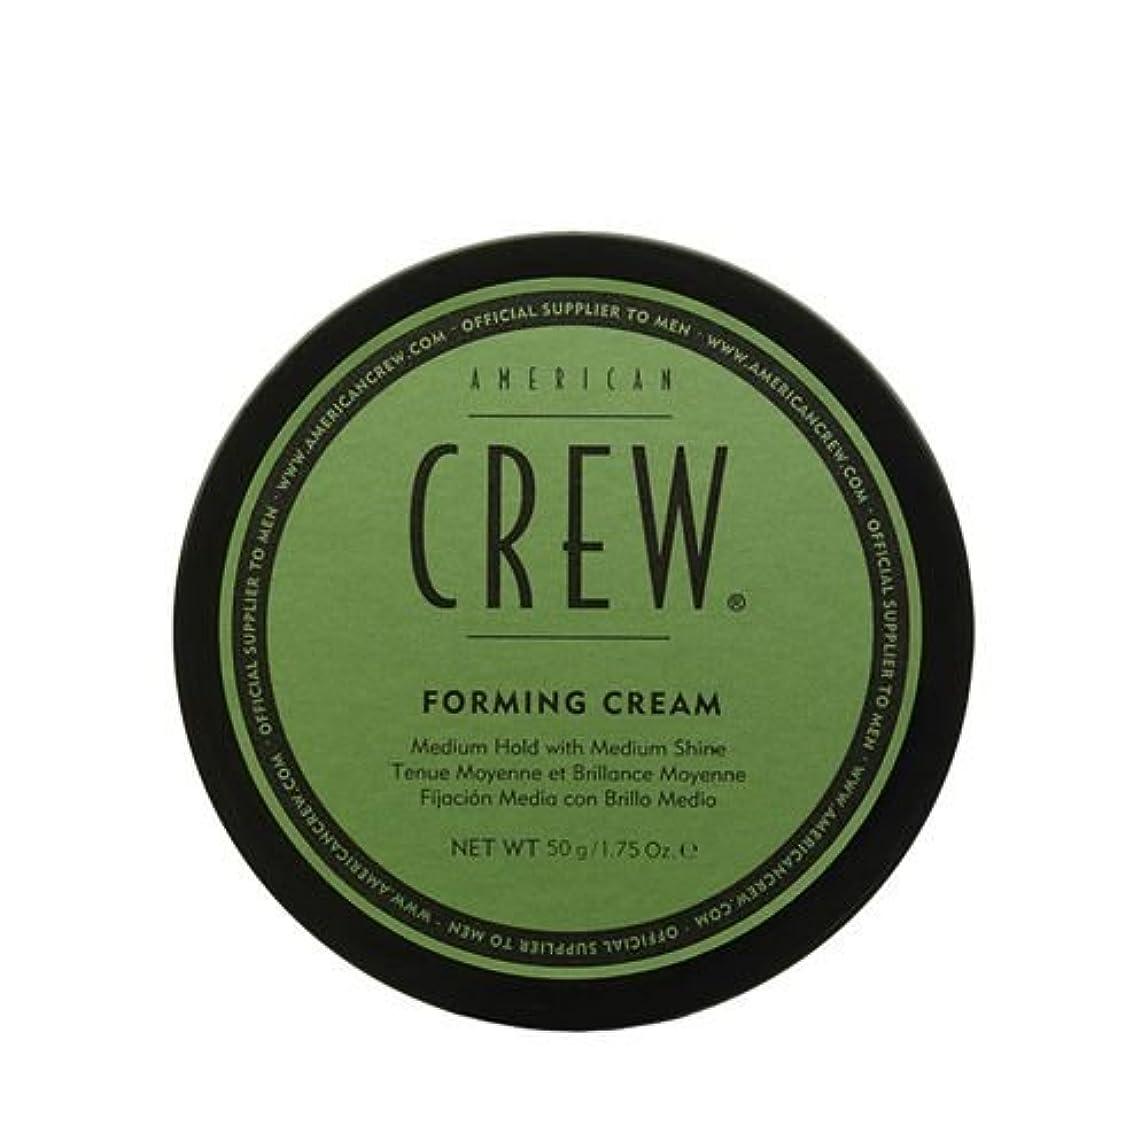 感心するアッパーヒゲクジラアメリカン クルー フォーミングヘアクリーム American Crew Forming Cream 50g [並行輸入品]